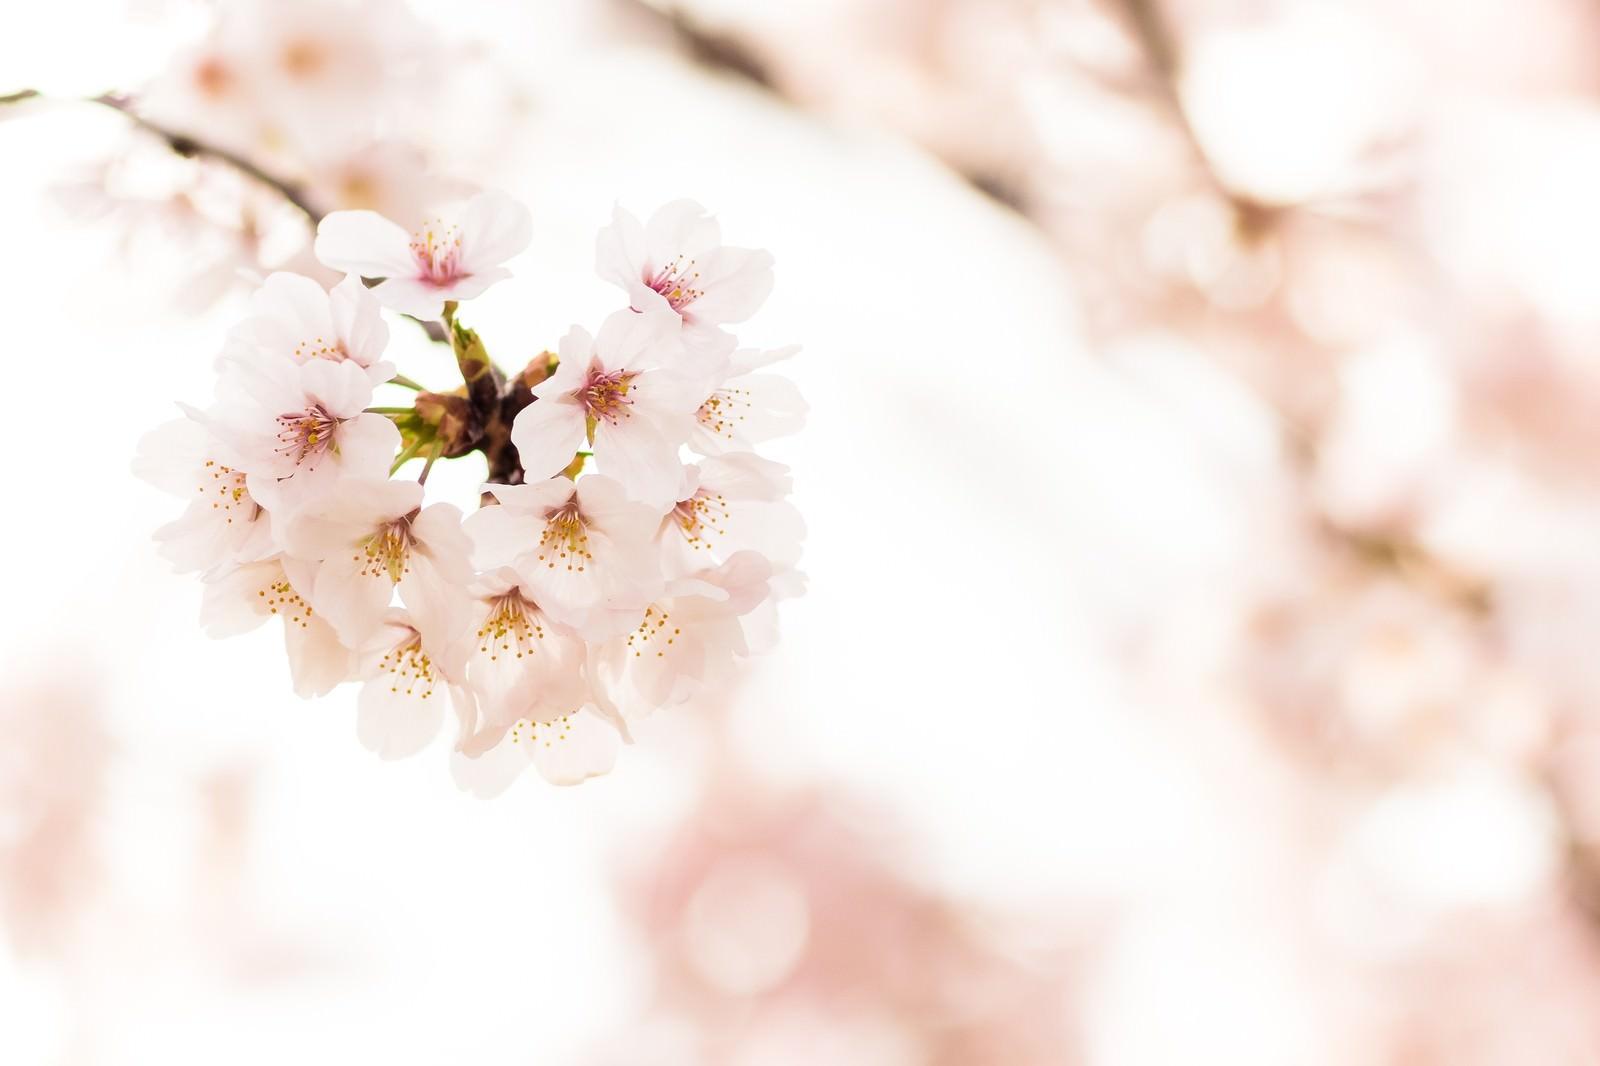 「桜の花」の写真